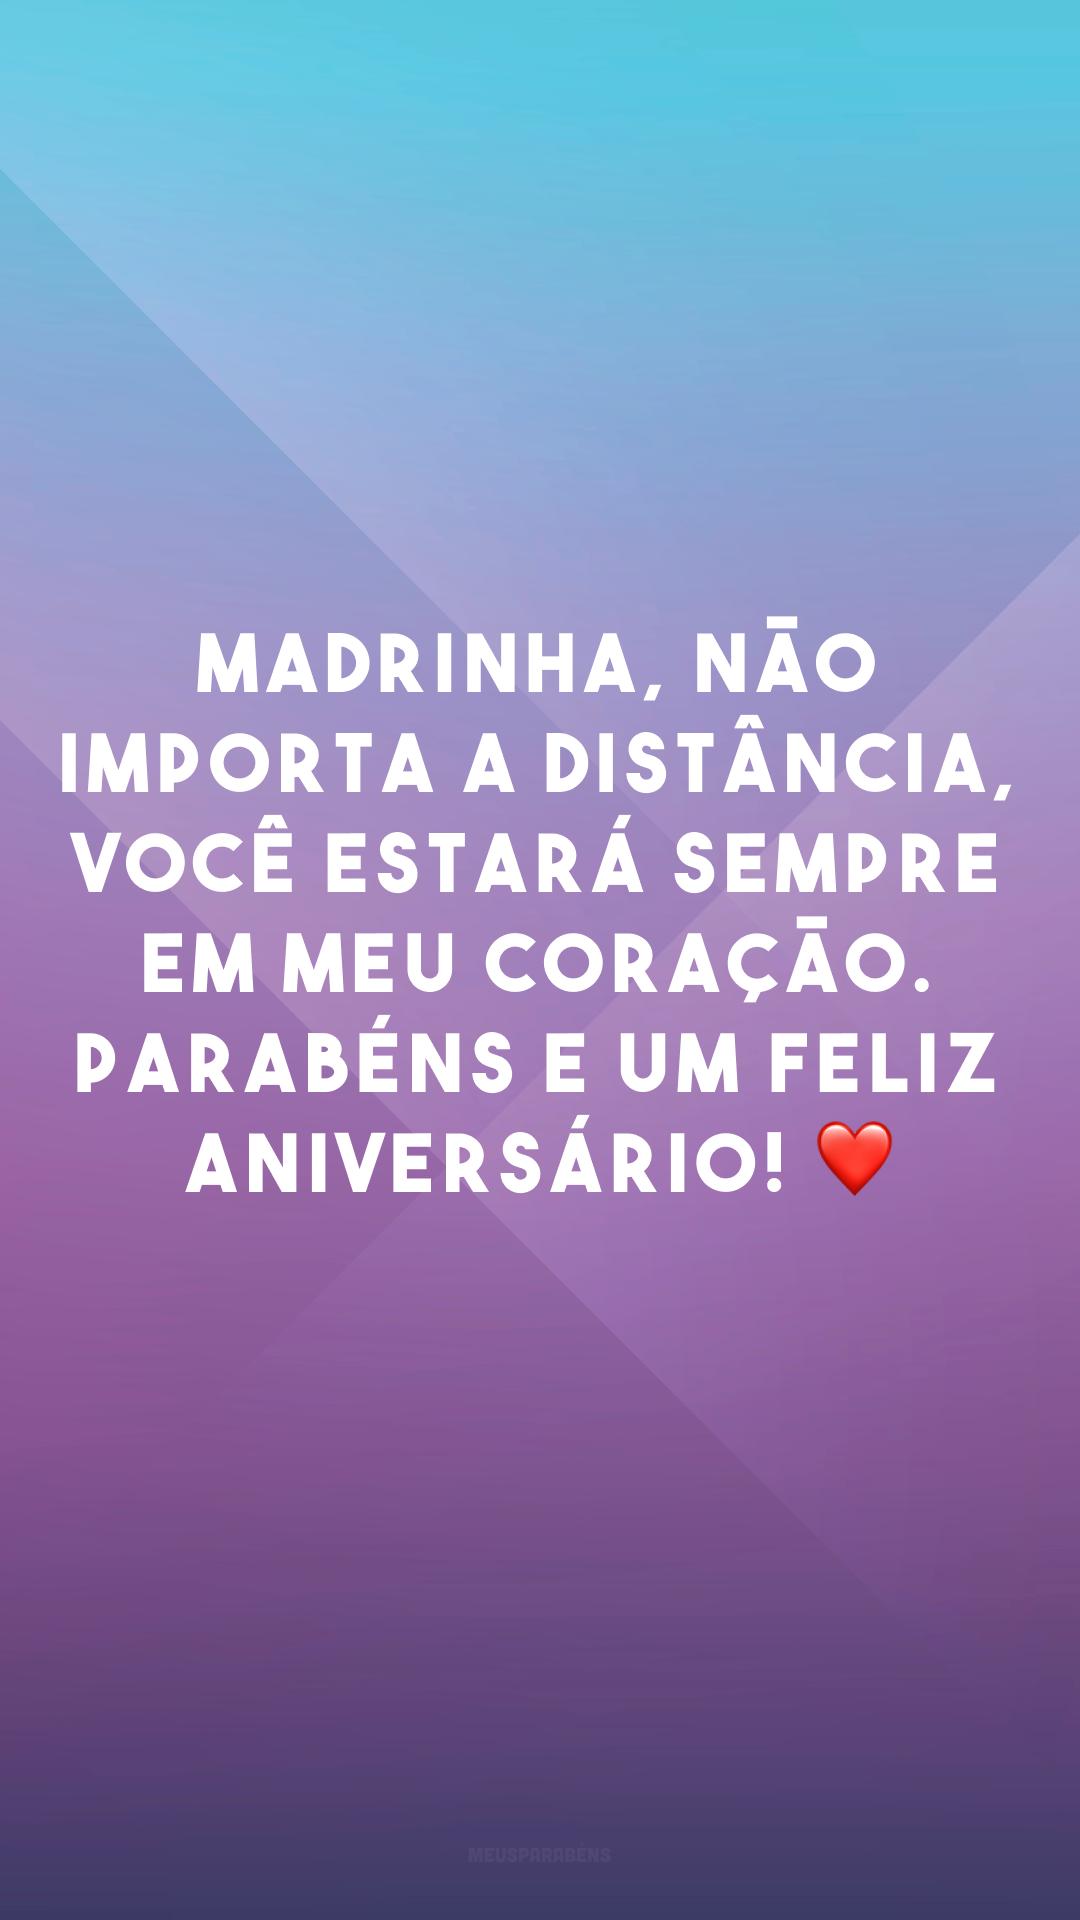 Madrinha, não importa a distância, você estará sempre em meu coração. Parabéns e um feliz aniversário! ❤